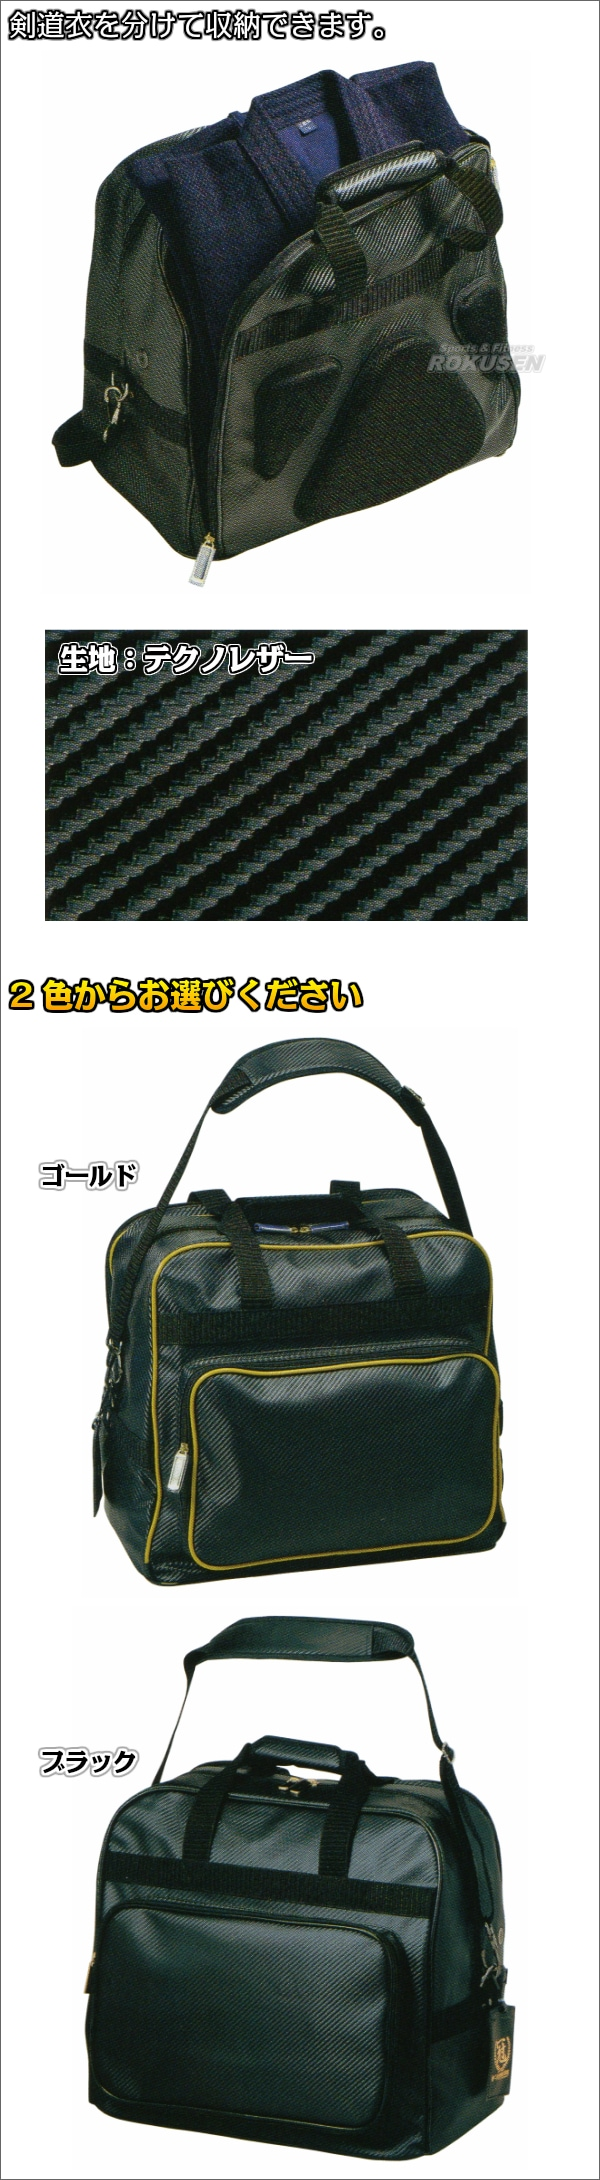 【松勘 剣道】剣道具袋 DF-80K 冠 KENDOコンパクトバッグ 1-80K